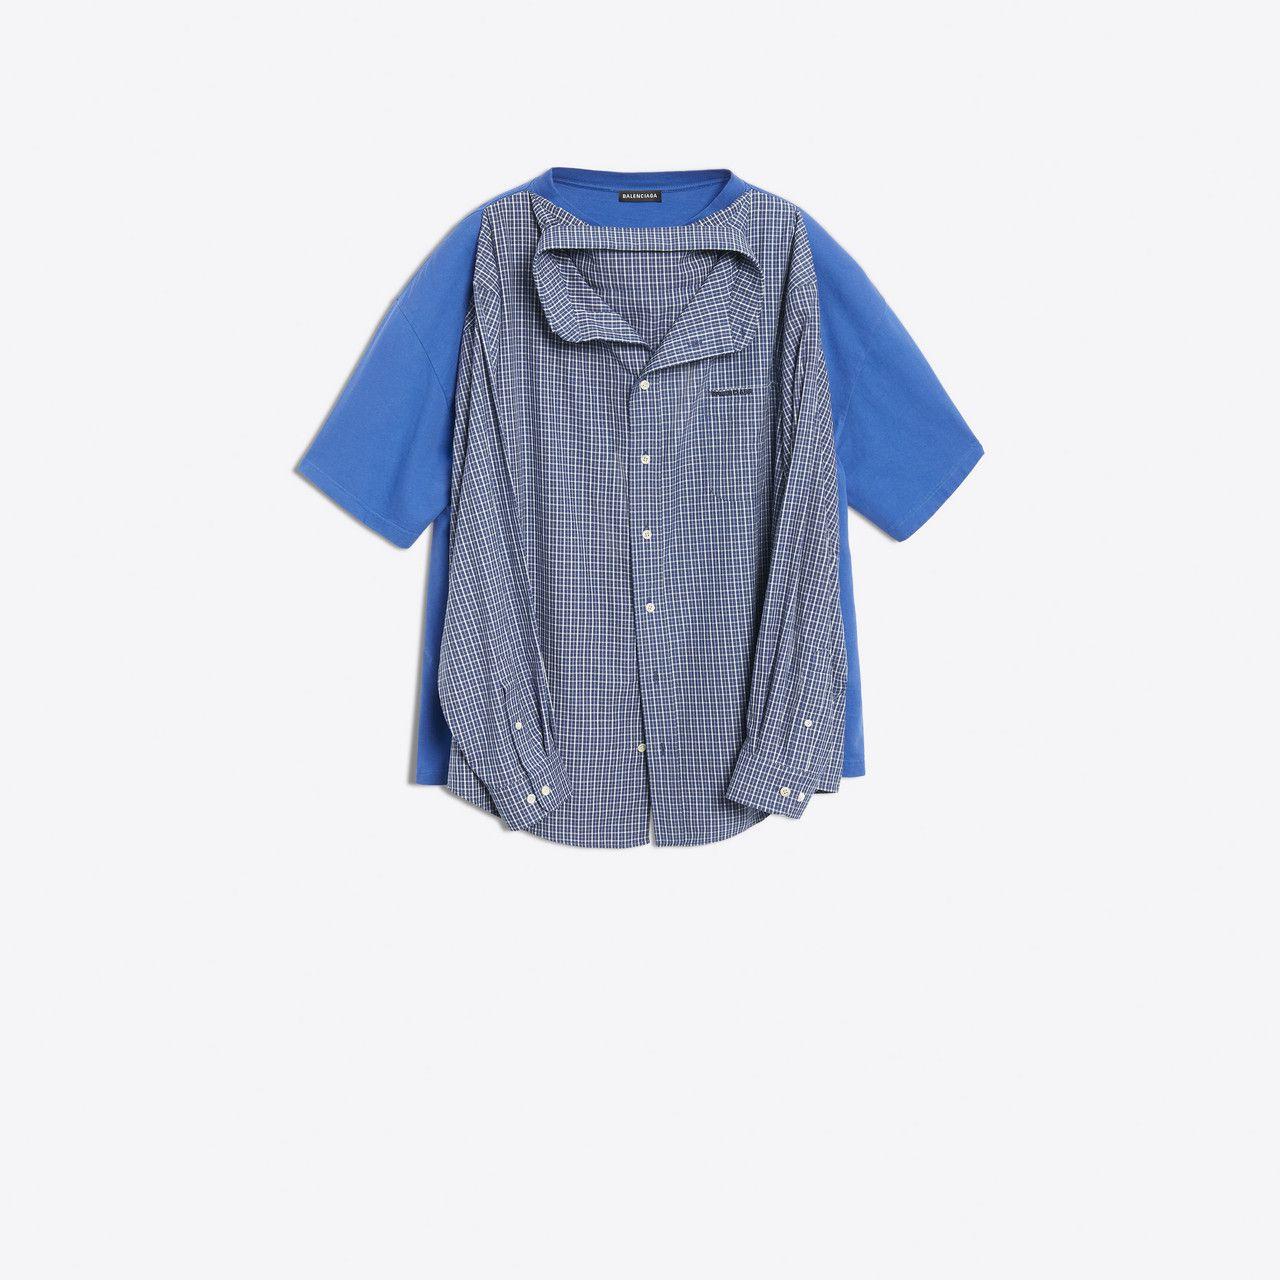 Balenciaga opět nakládá  košile na tričku a tričko na košili za necelých  třicet tisíc fb2f4a8f14